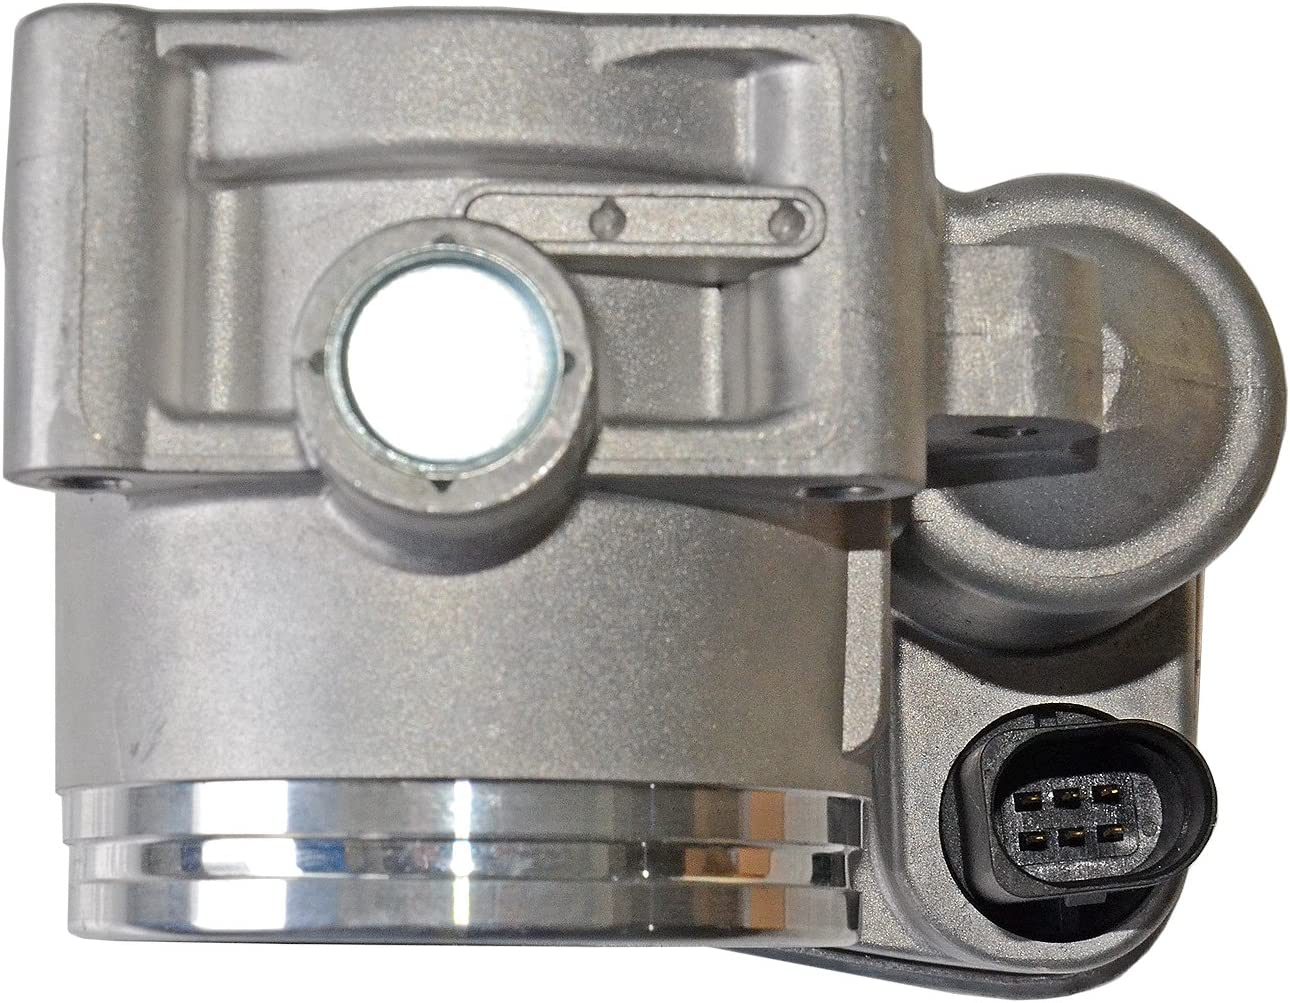 For BMW E46 E39 325i 325xi 520i 525i M54 13547502444 Air Supply Throttle Body